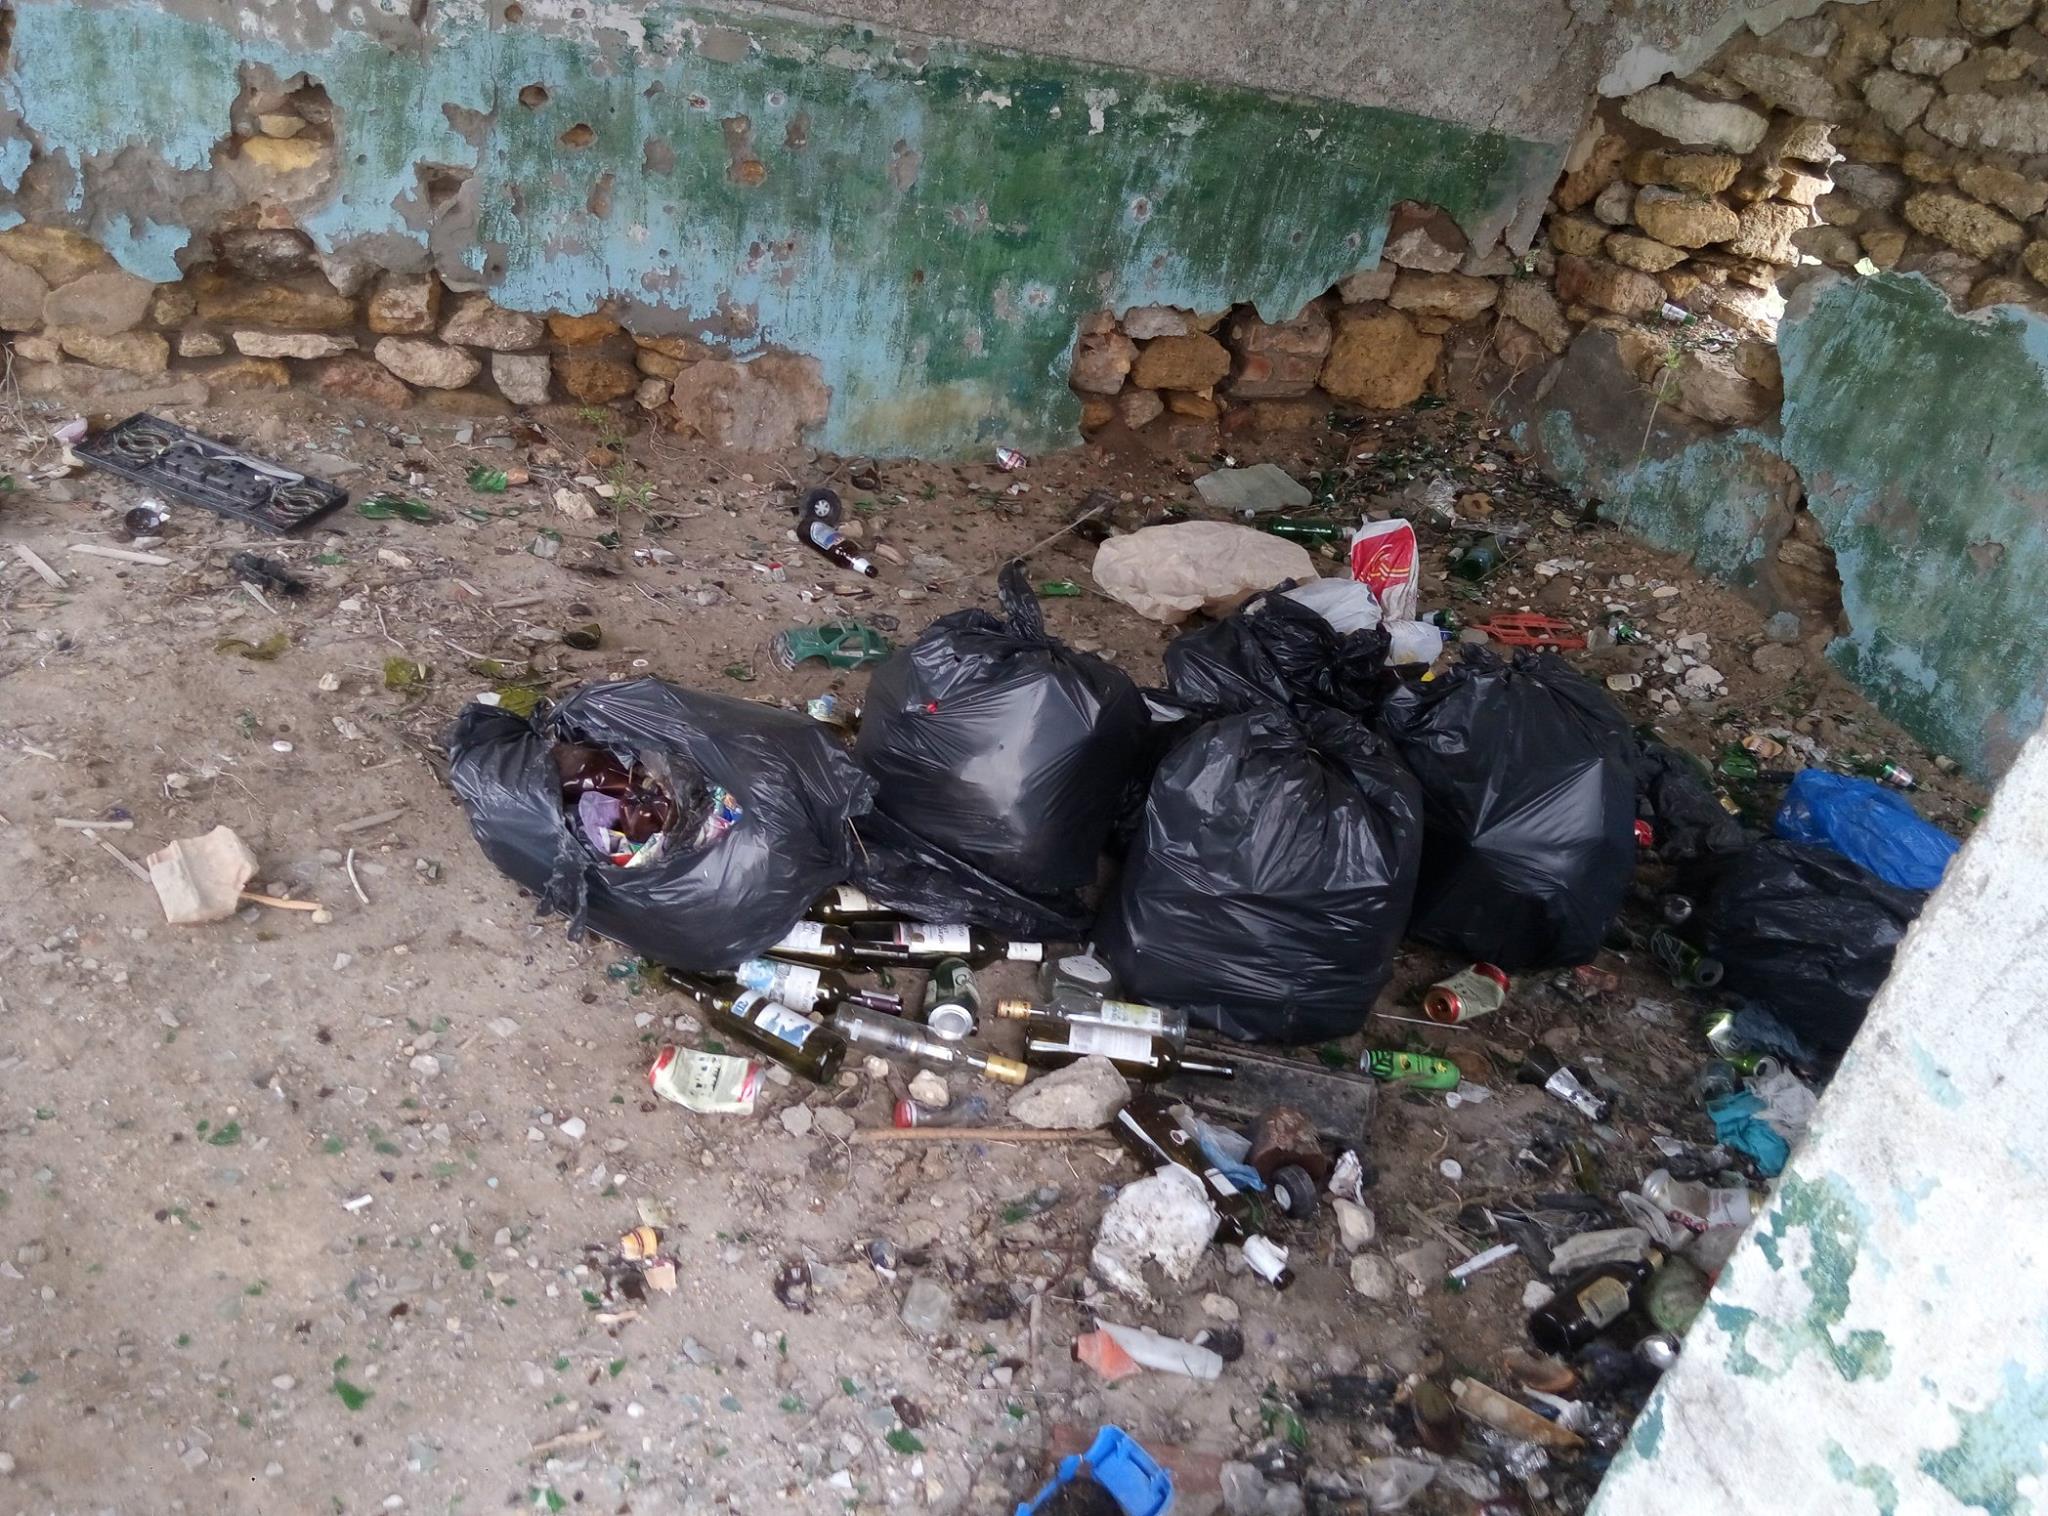 Прив'заний туалет, купи сміття та іржавий причал: миколаївець показав